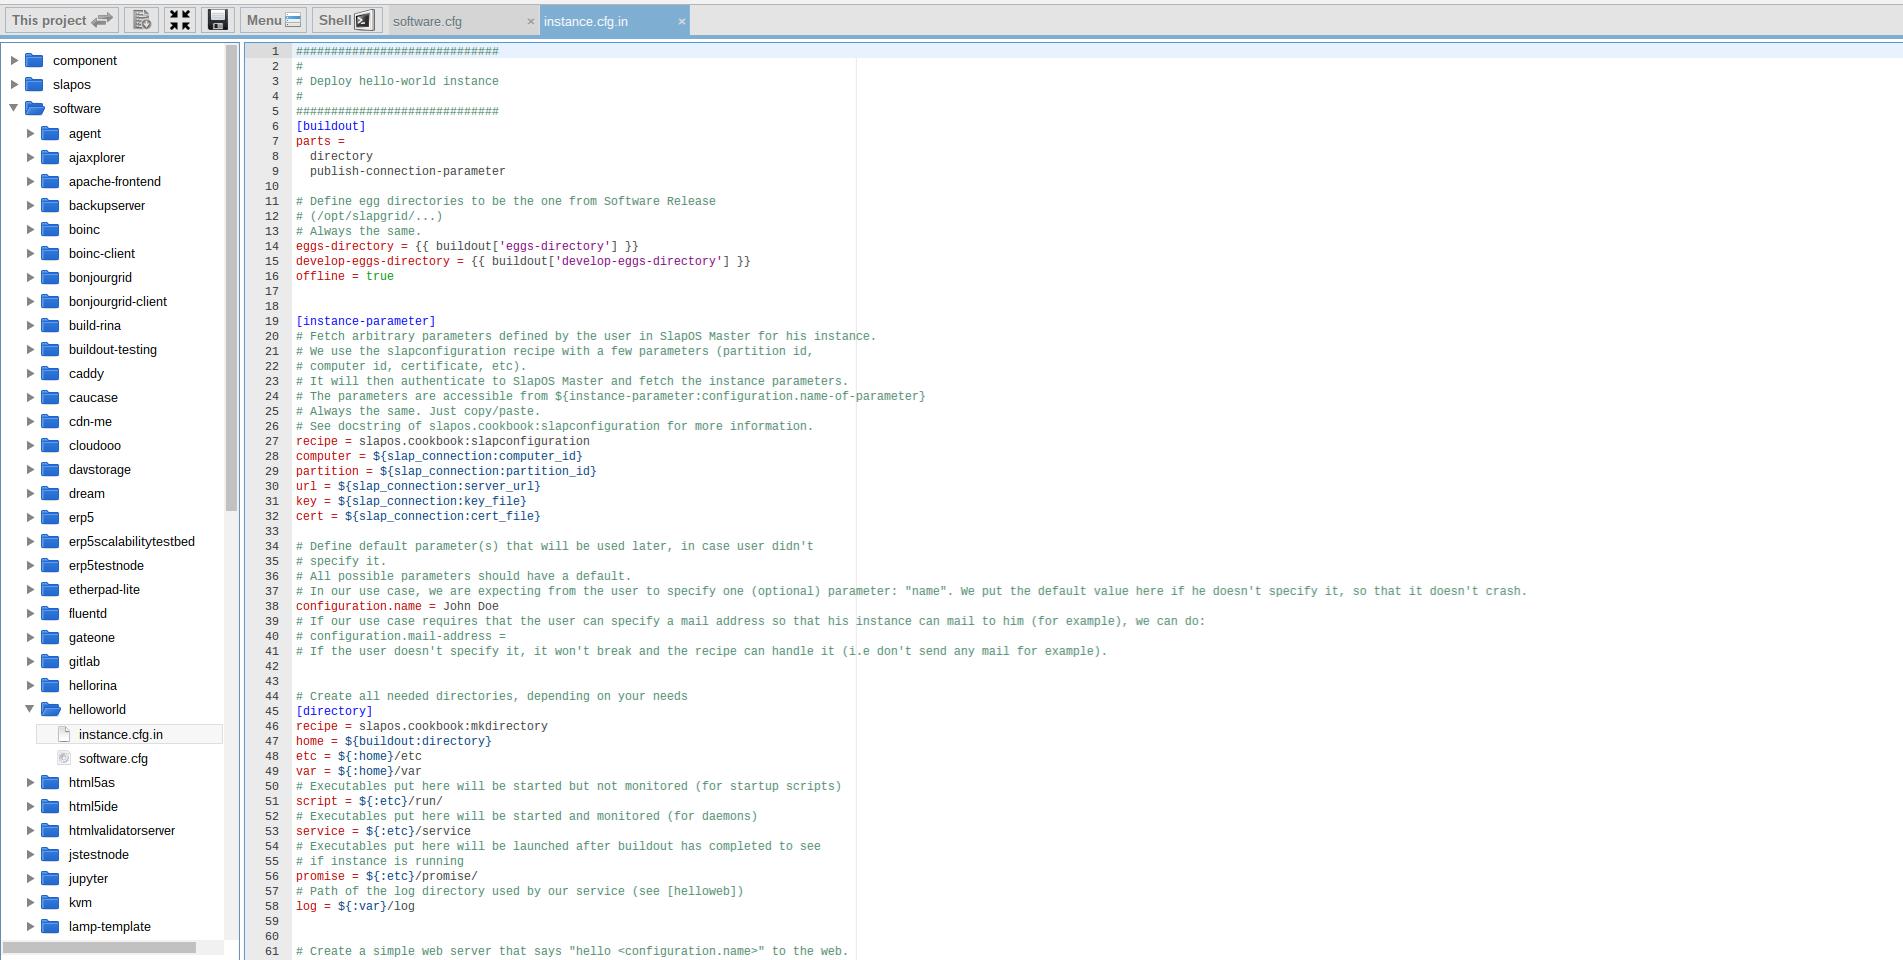 Extending Software Release - Webrunner Interface - Helloworld Instance Config Template